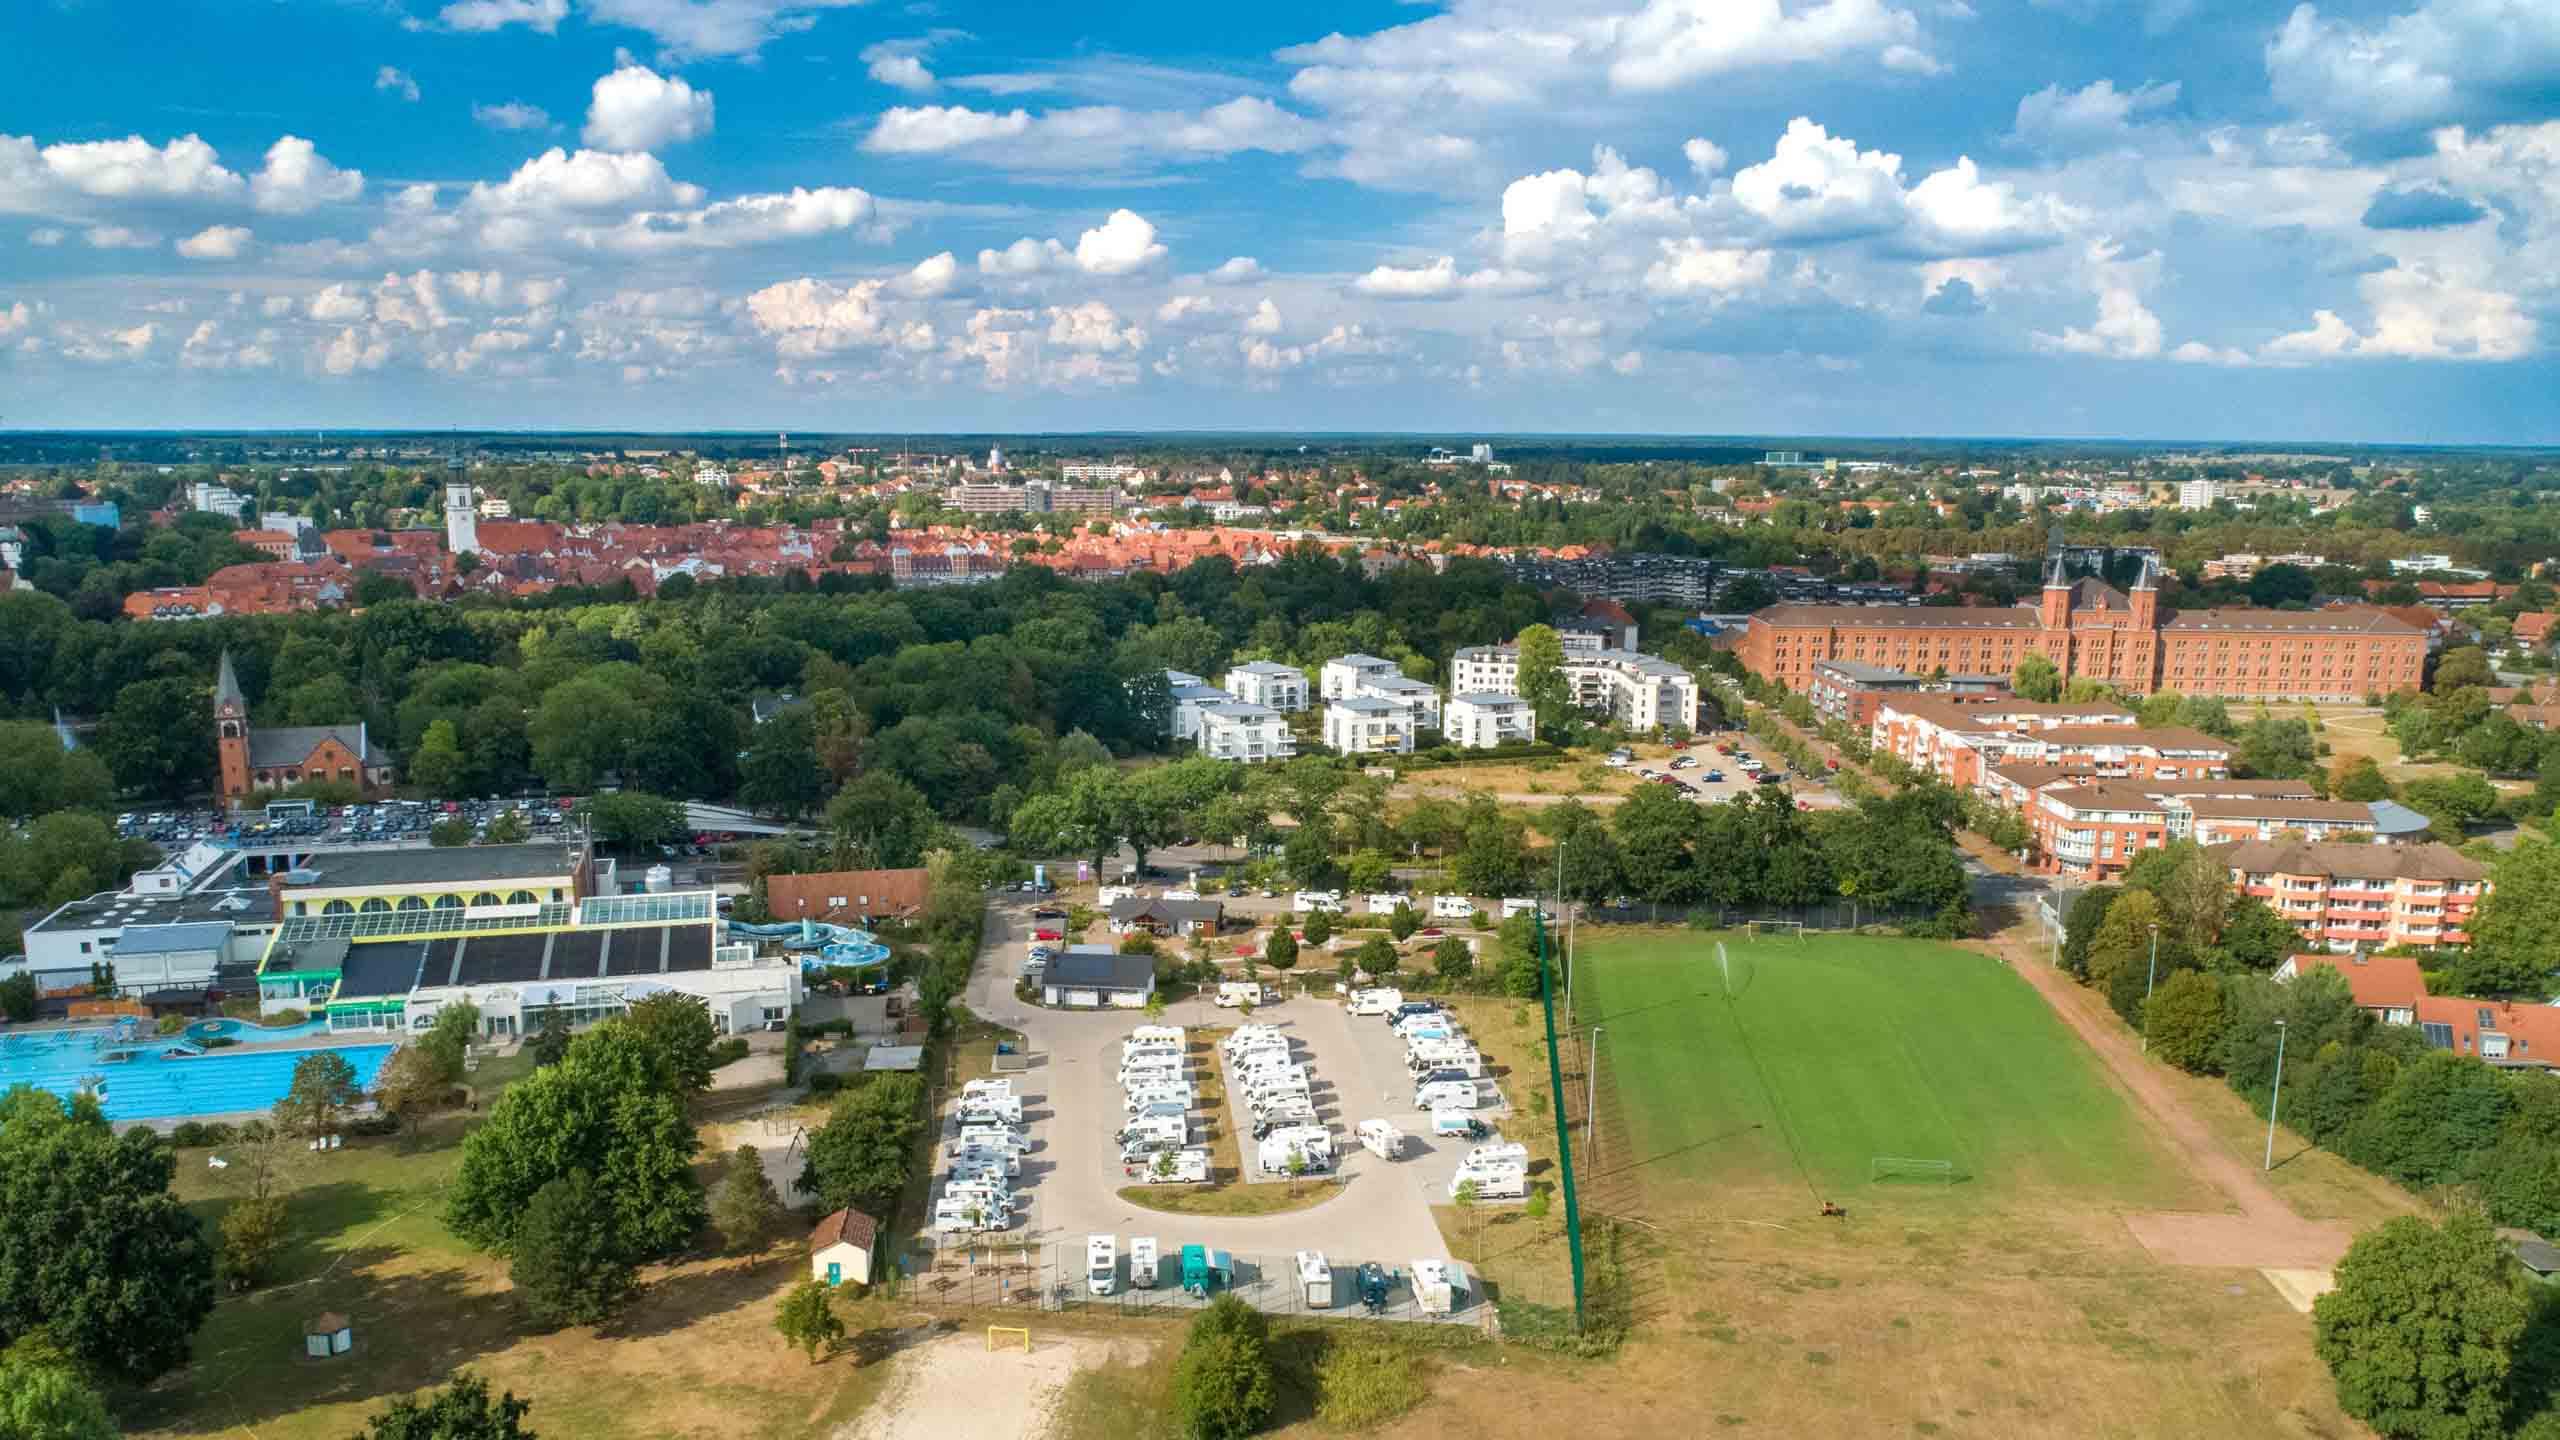 Celler Wohnmobilstellplatz, Luftaufnahme